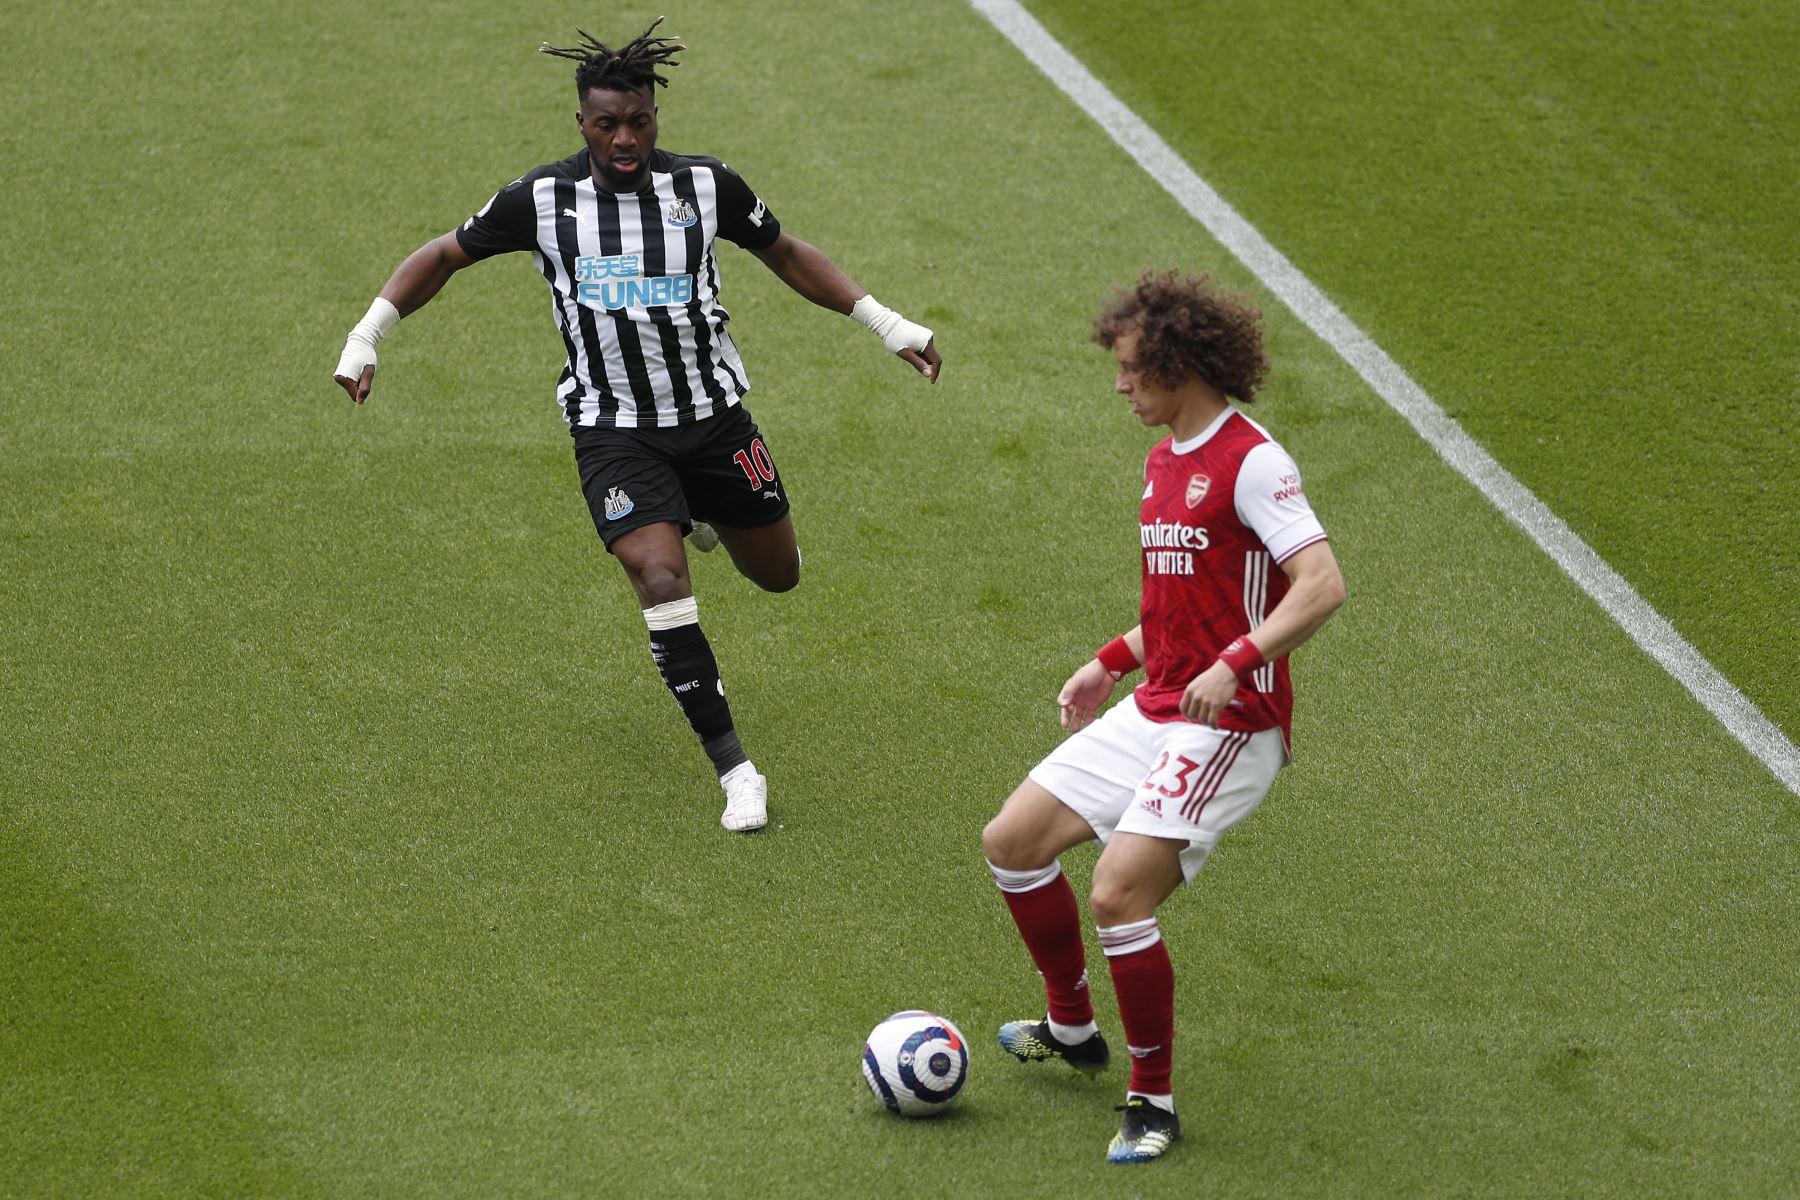 El centrocampista francés del Newcastle United Allan Saint-Maximin compite con el defensor brasileño del Arsenal David Luiz  durante el partido de fútbol de la Premier League inglesa entre el Newcastle United y el Arsenal. Foto: AFP